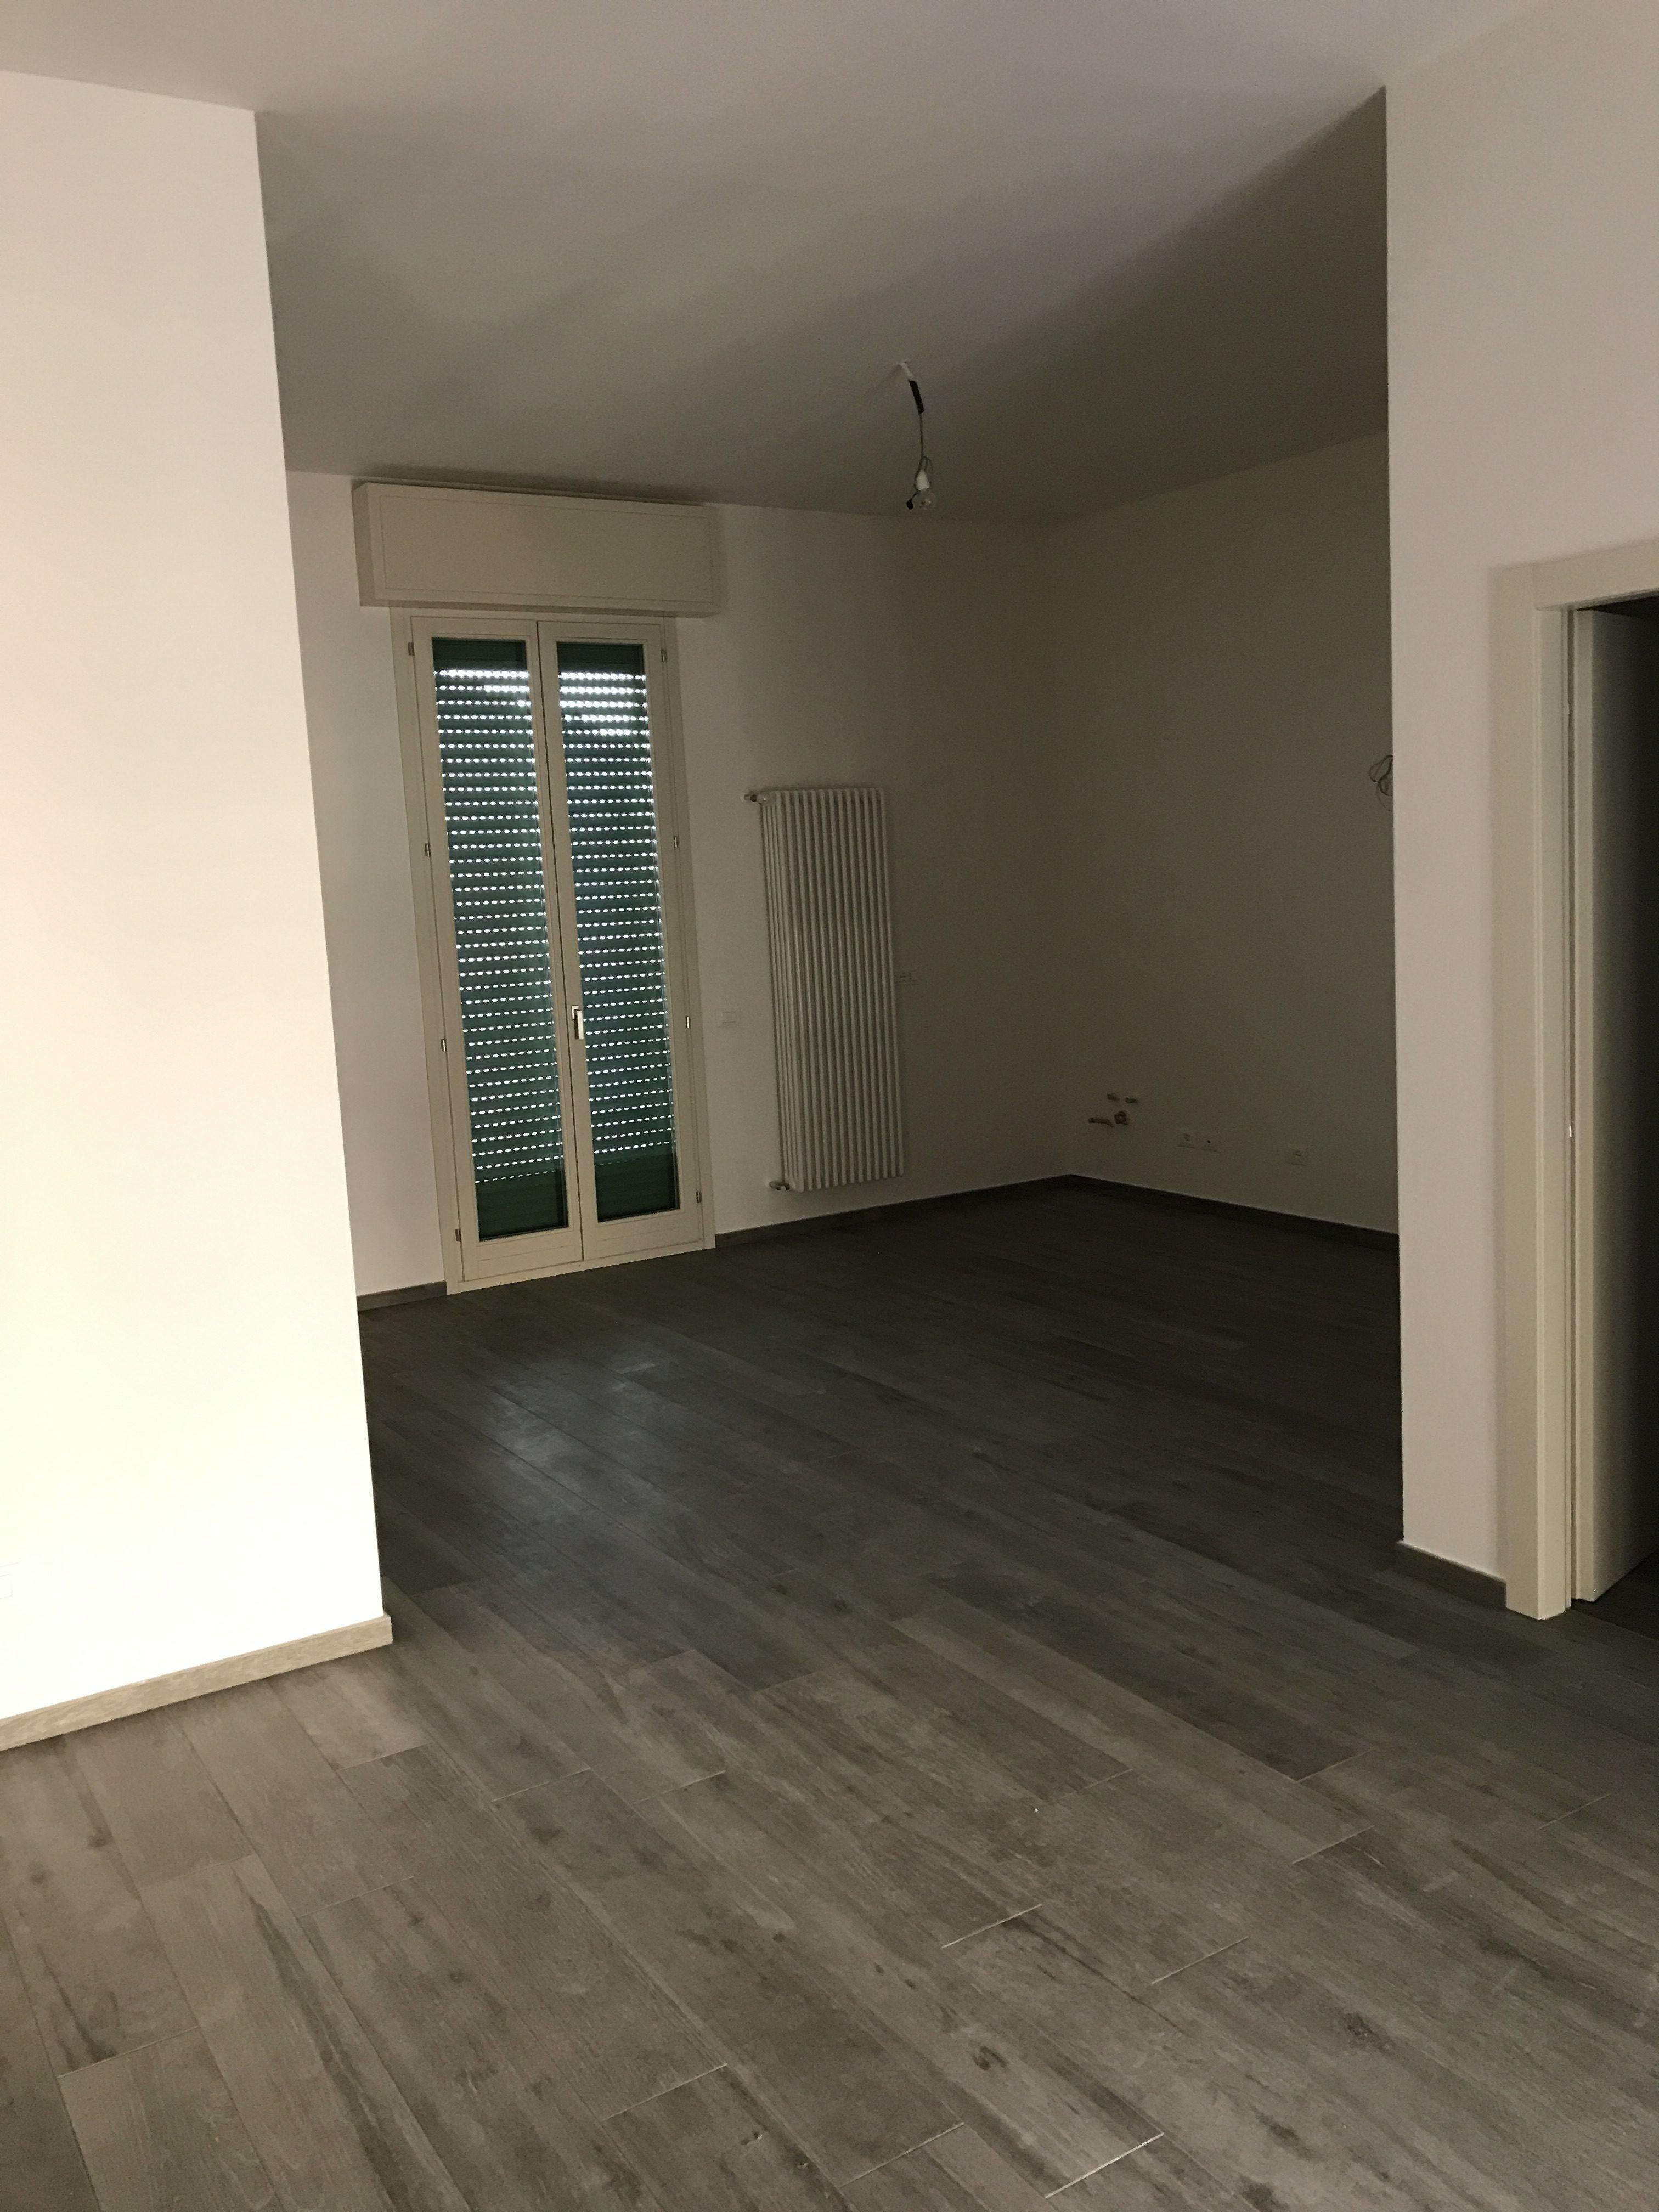 Posa parquet in appartamento in Modena Parquet